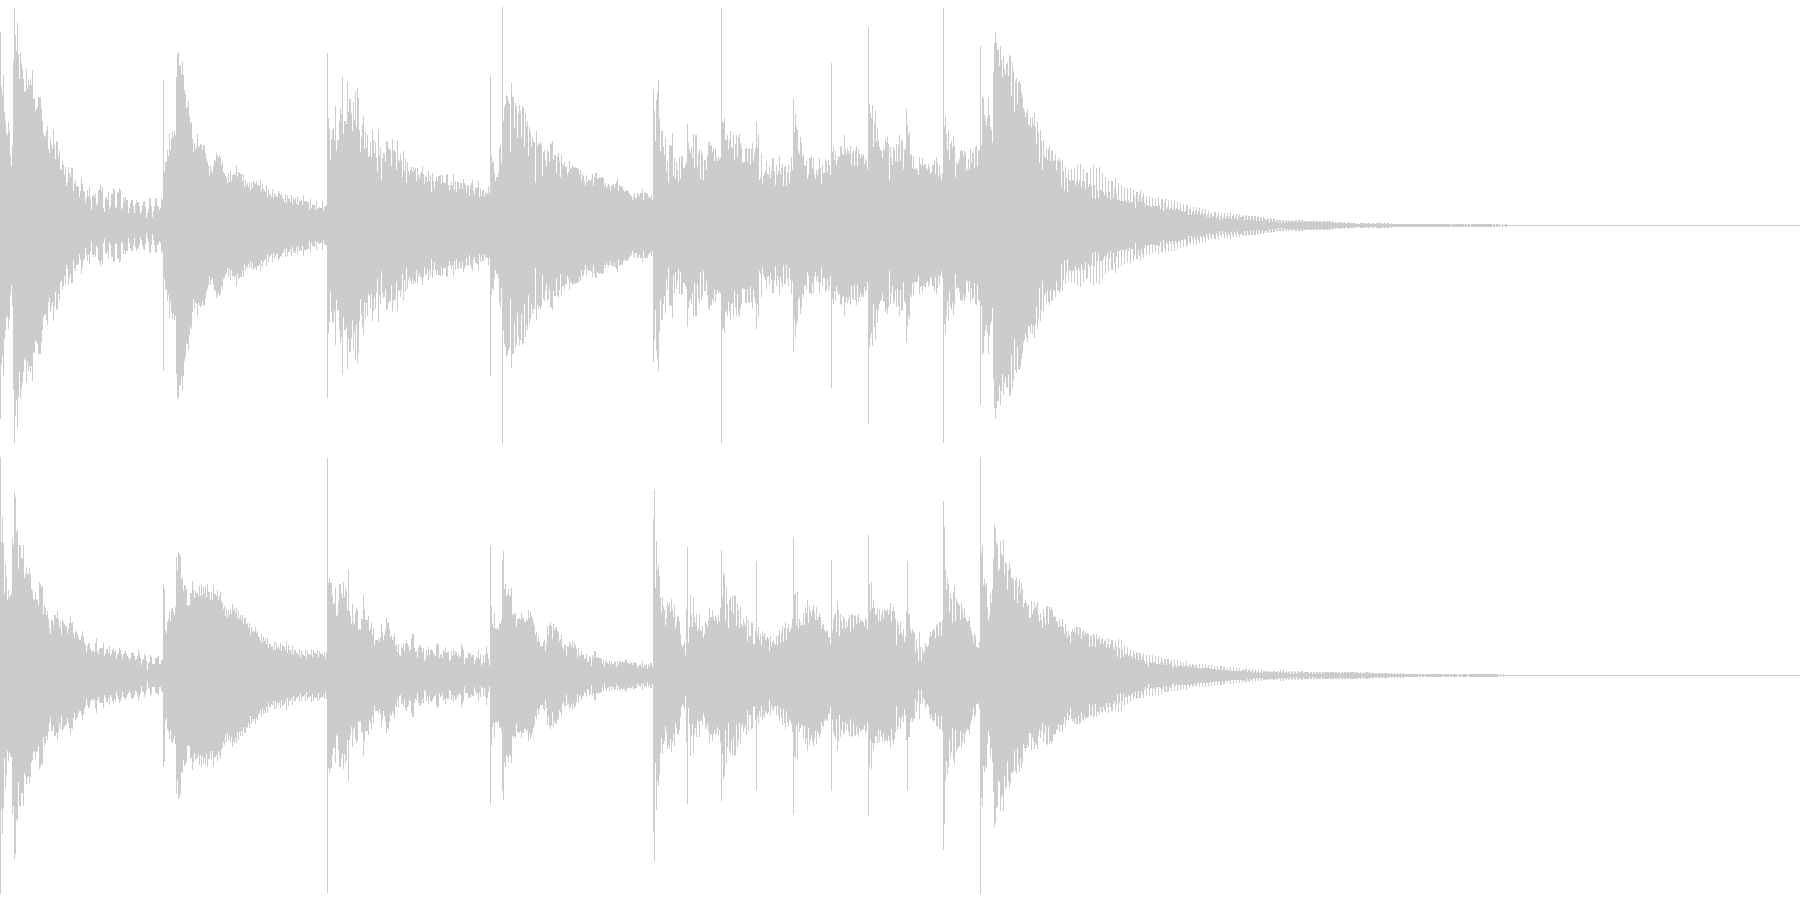 マリンバの音で失敗、残念系のジングルの未再生の波形